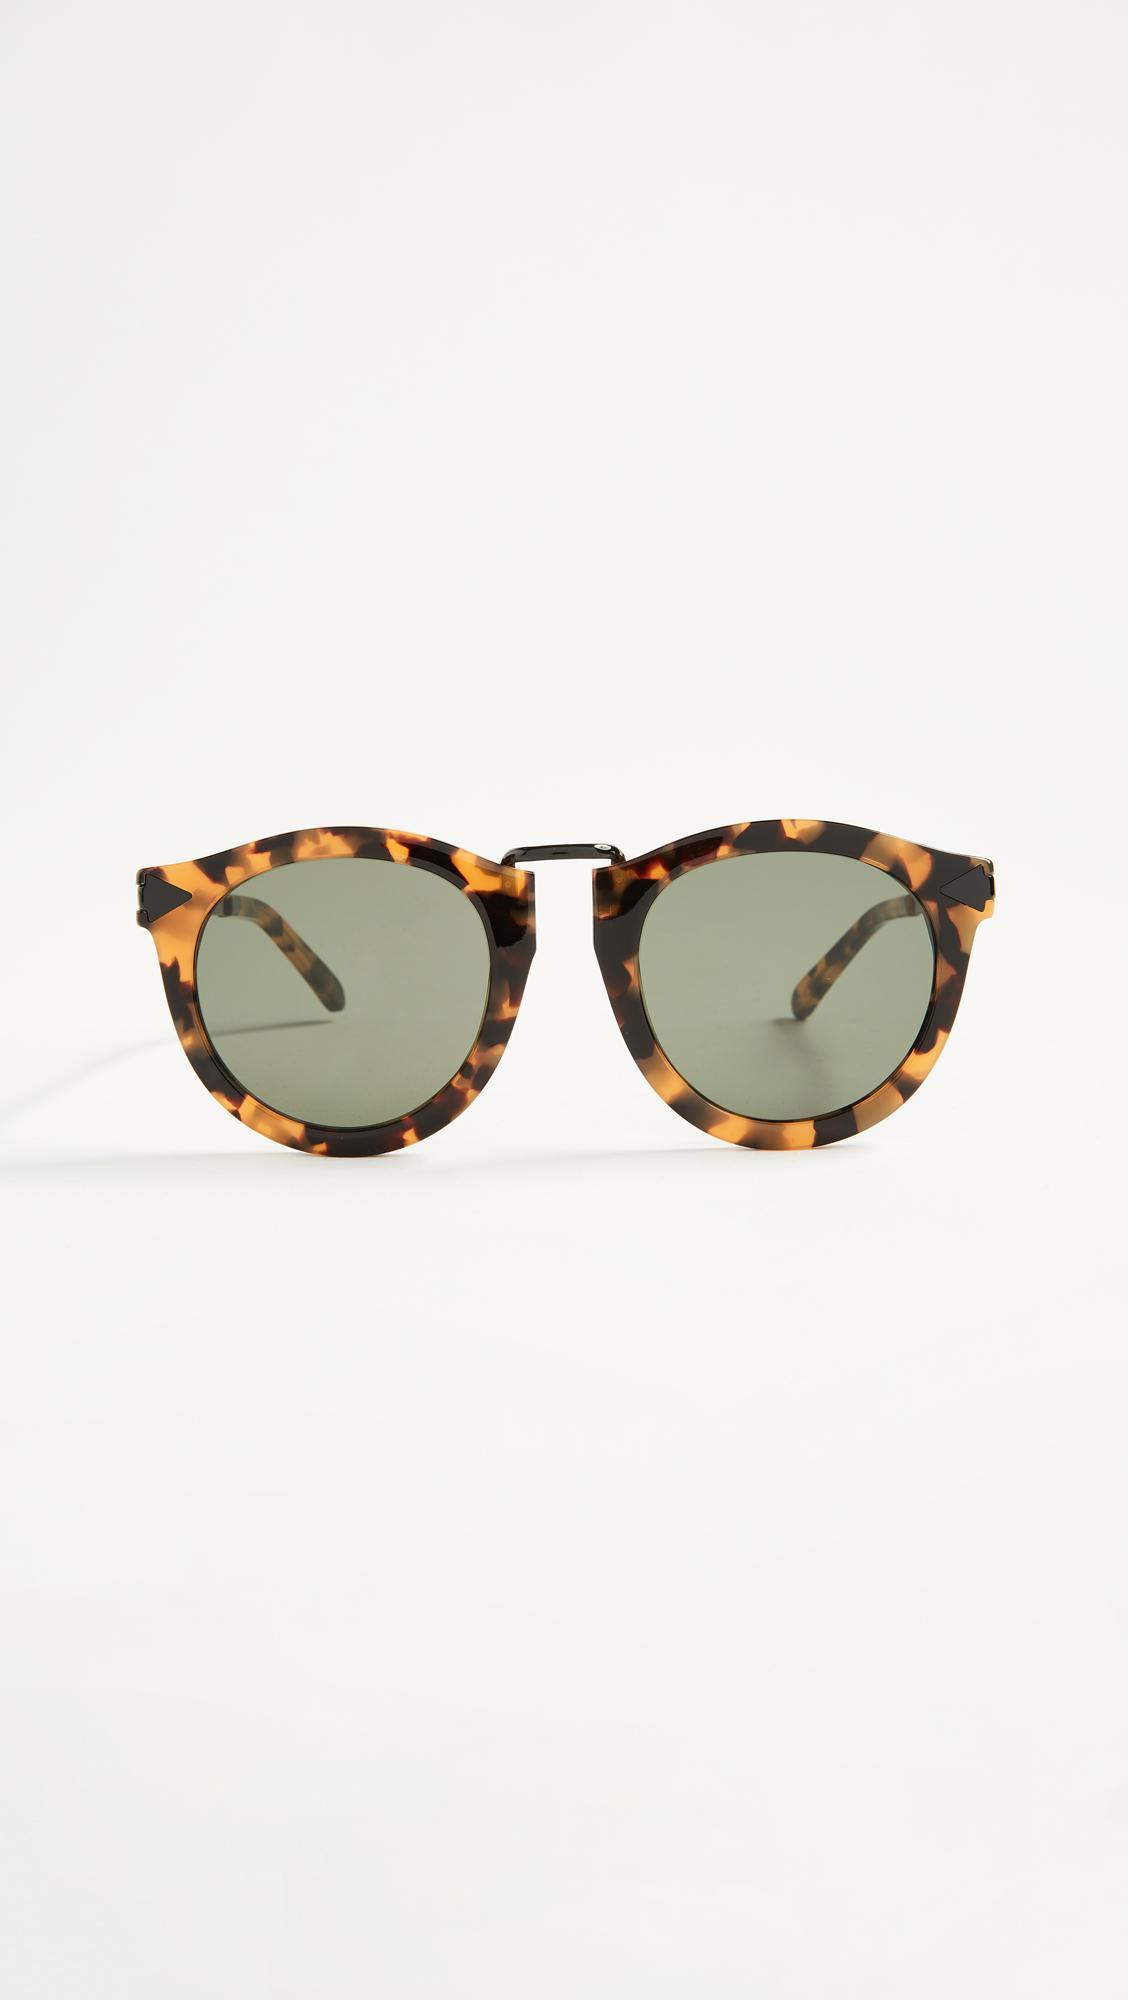 Harvest Rose Gold-Tone Metal and Tortoiseshell Acetate Sunglasses Karen Walker E63Zvgs3aB